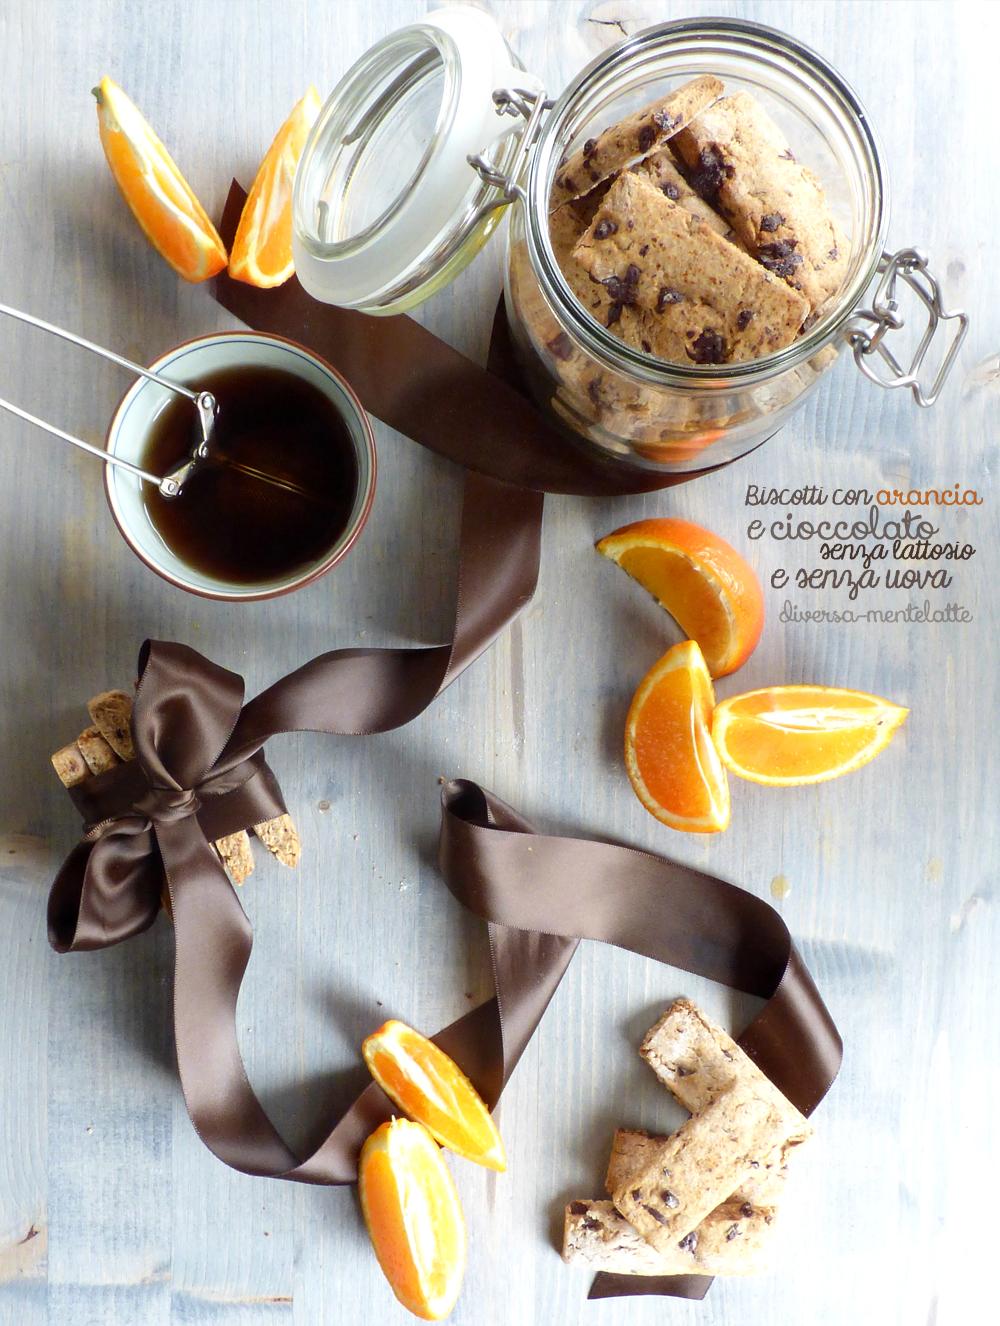 Biscotti con arancia e cioccolato-senza lattosio senza uova